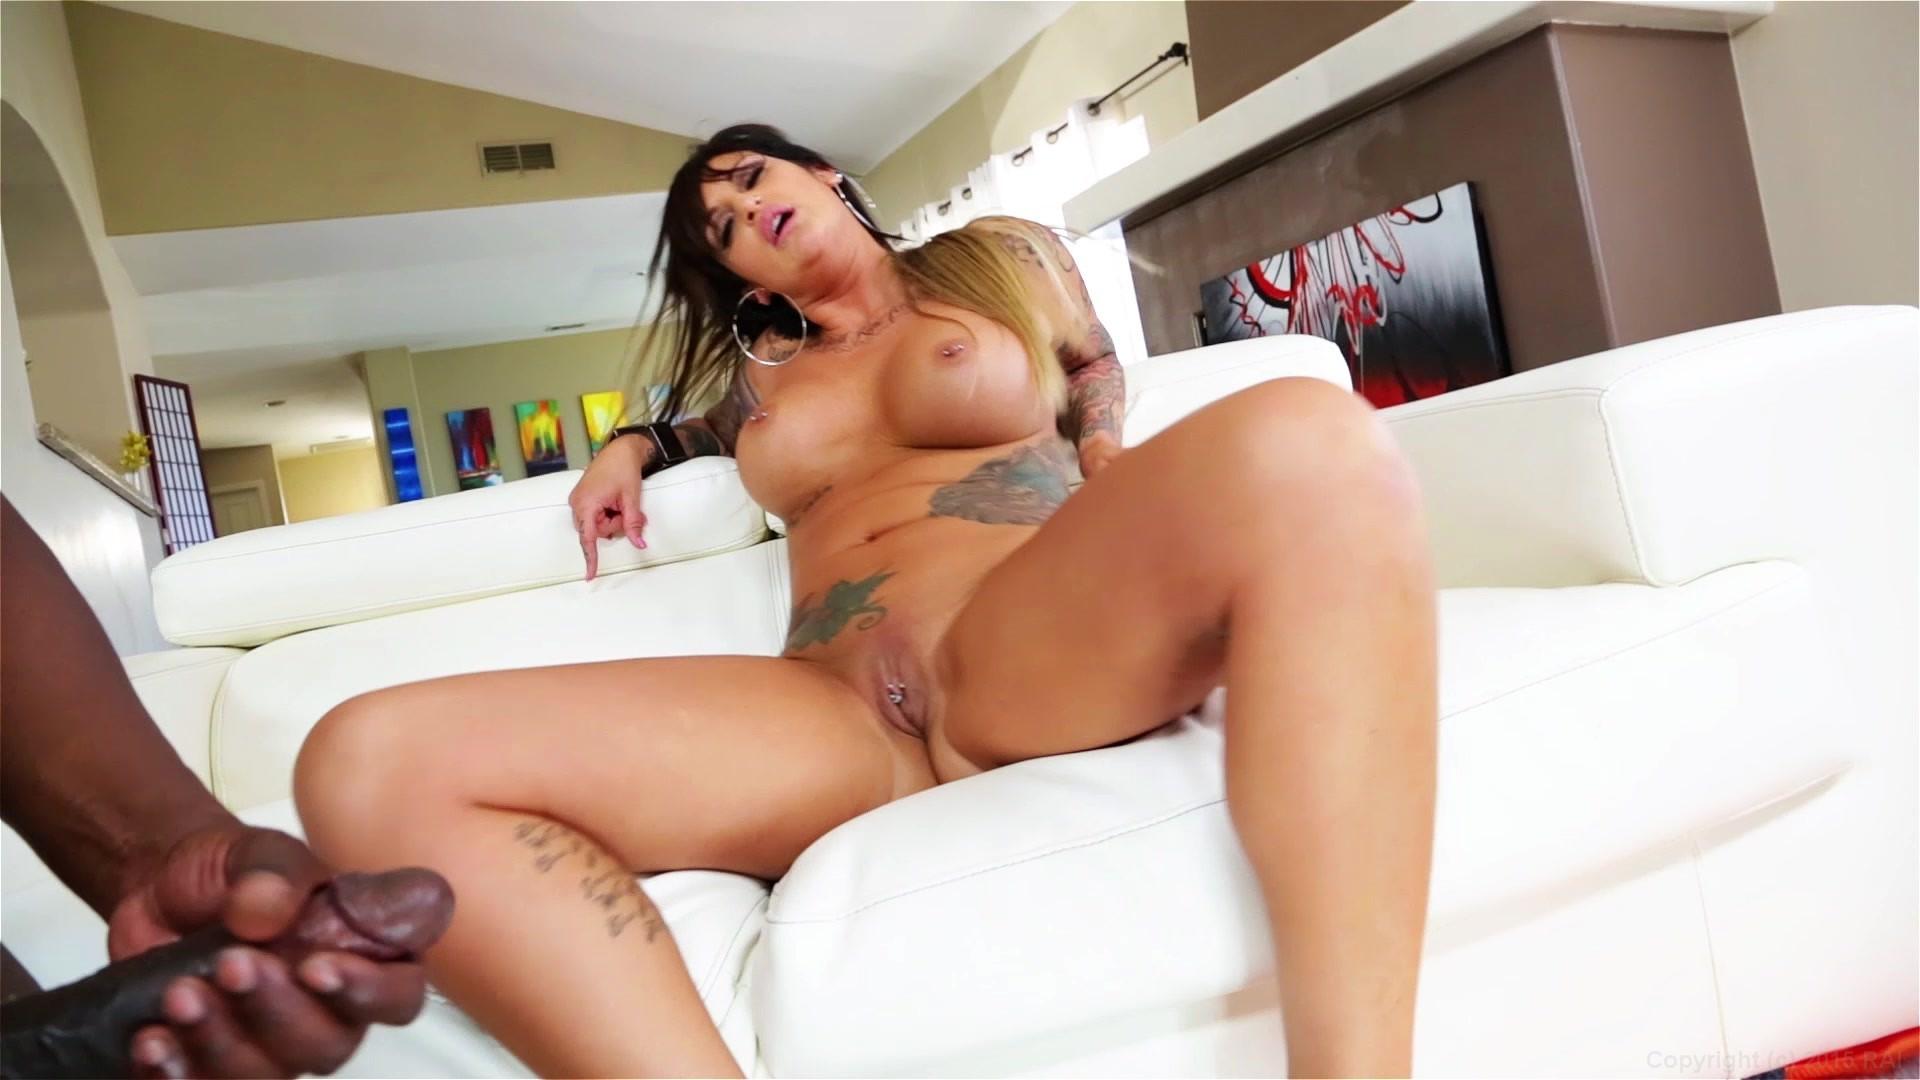 Ciera payton nude photos — 2